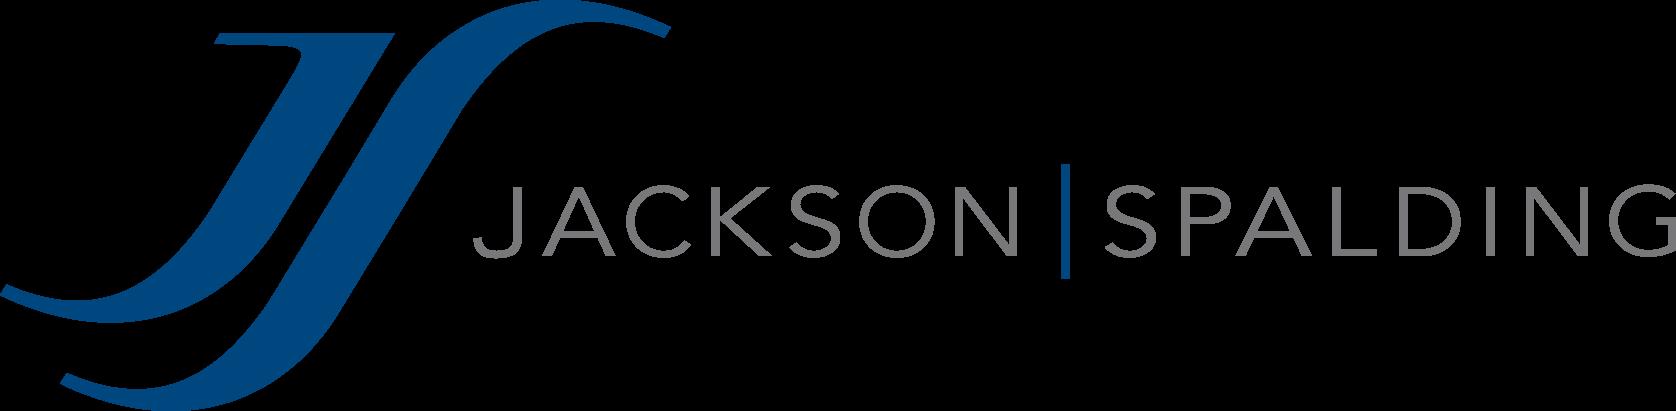 Jackson Spalding Company Logo